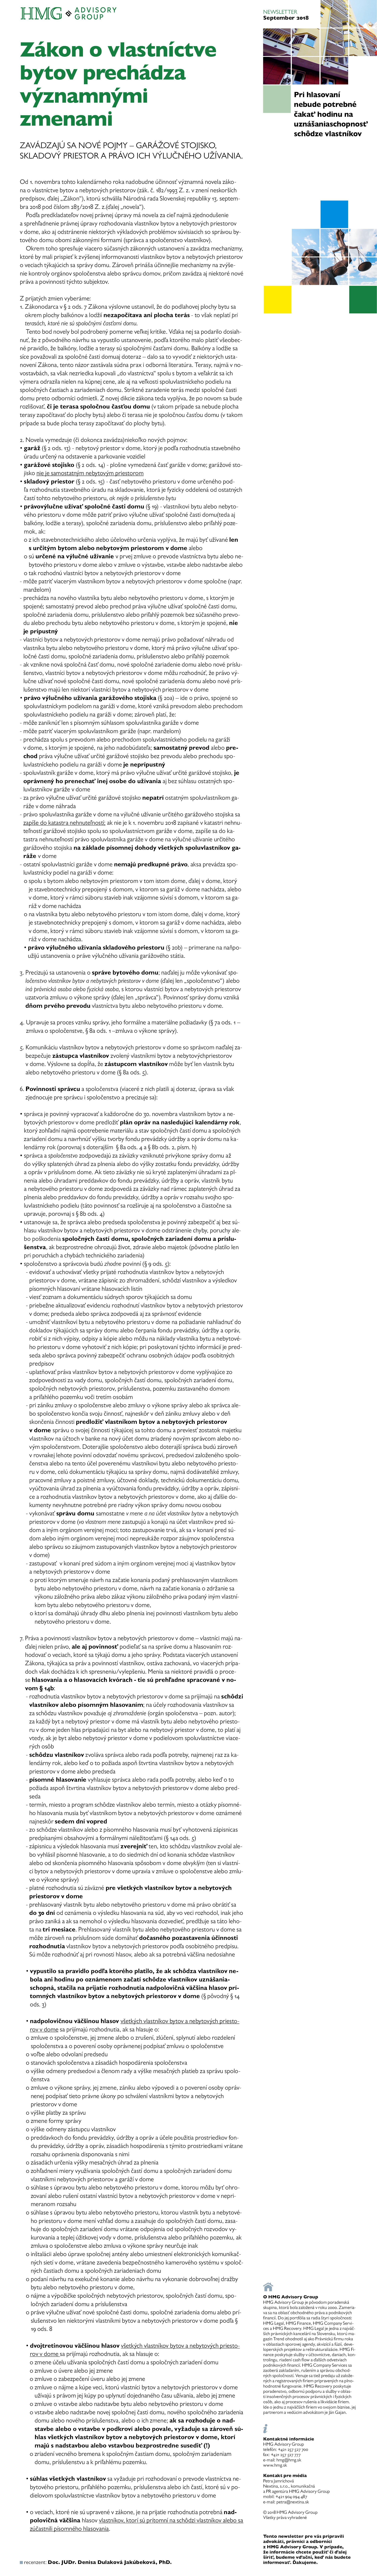 HMG_newsletter_vlastnictvo bytov.jpg